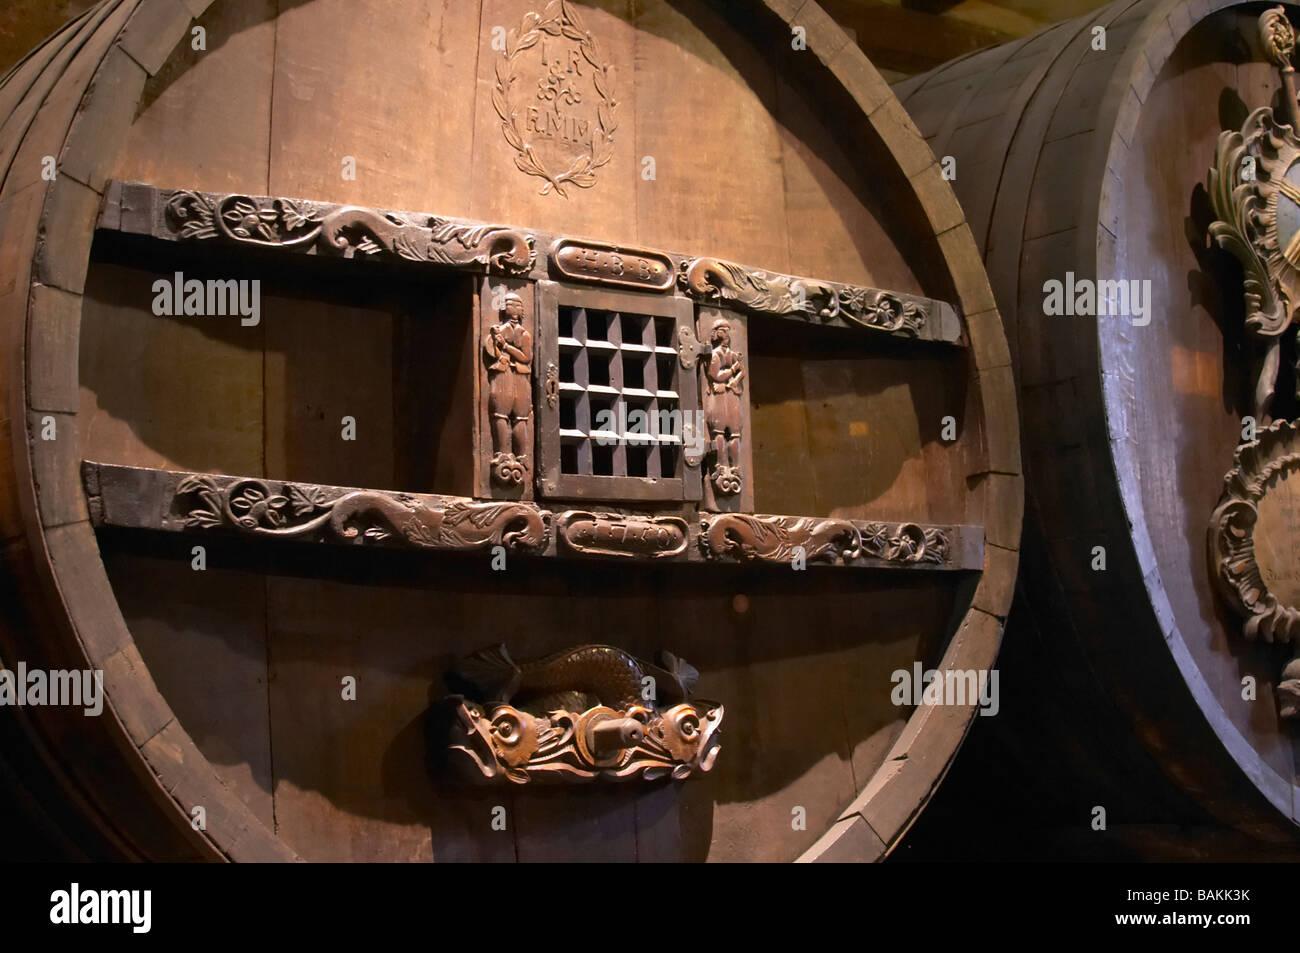 old antique carved wooden vat unterlinden museum colmar alsace france - Stock Image